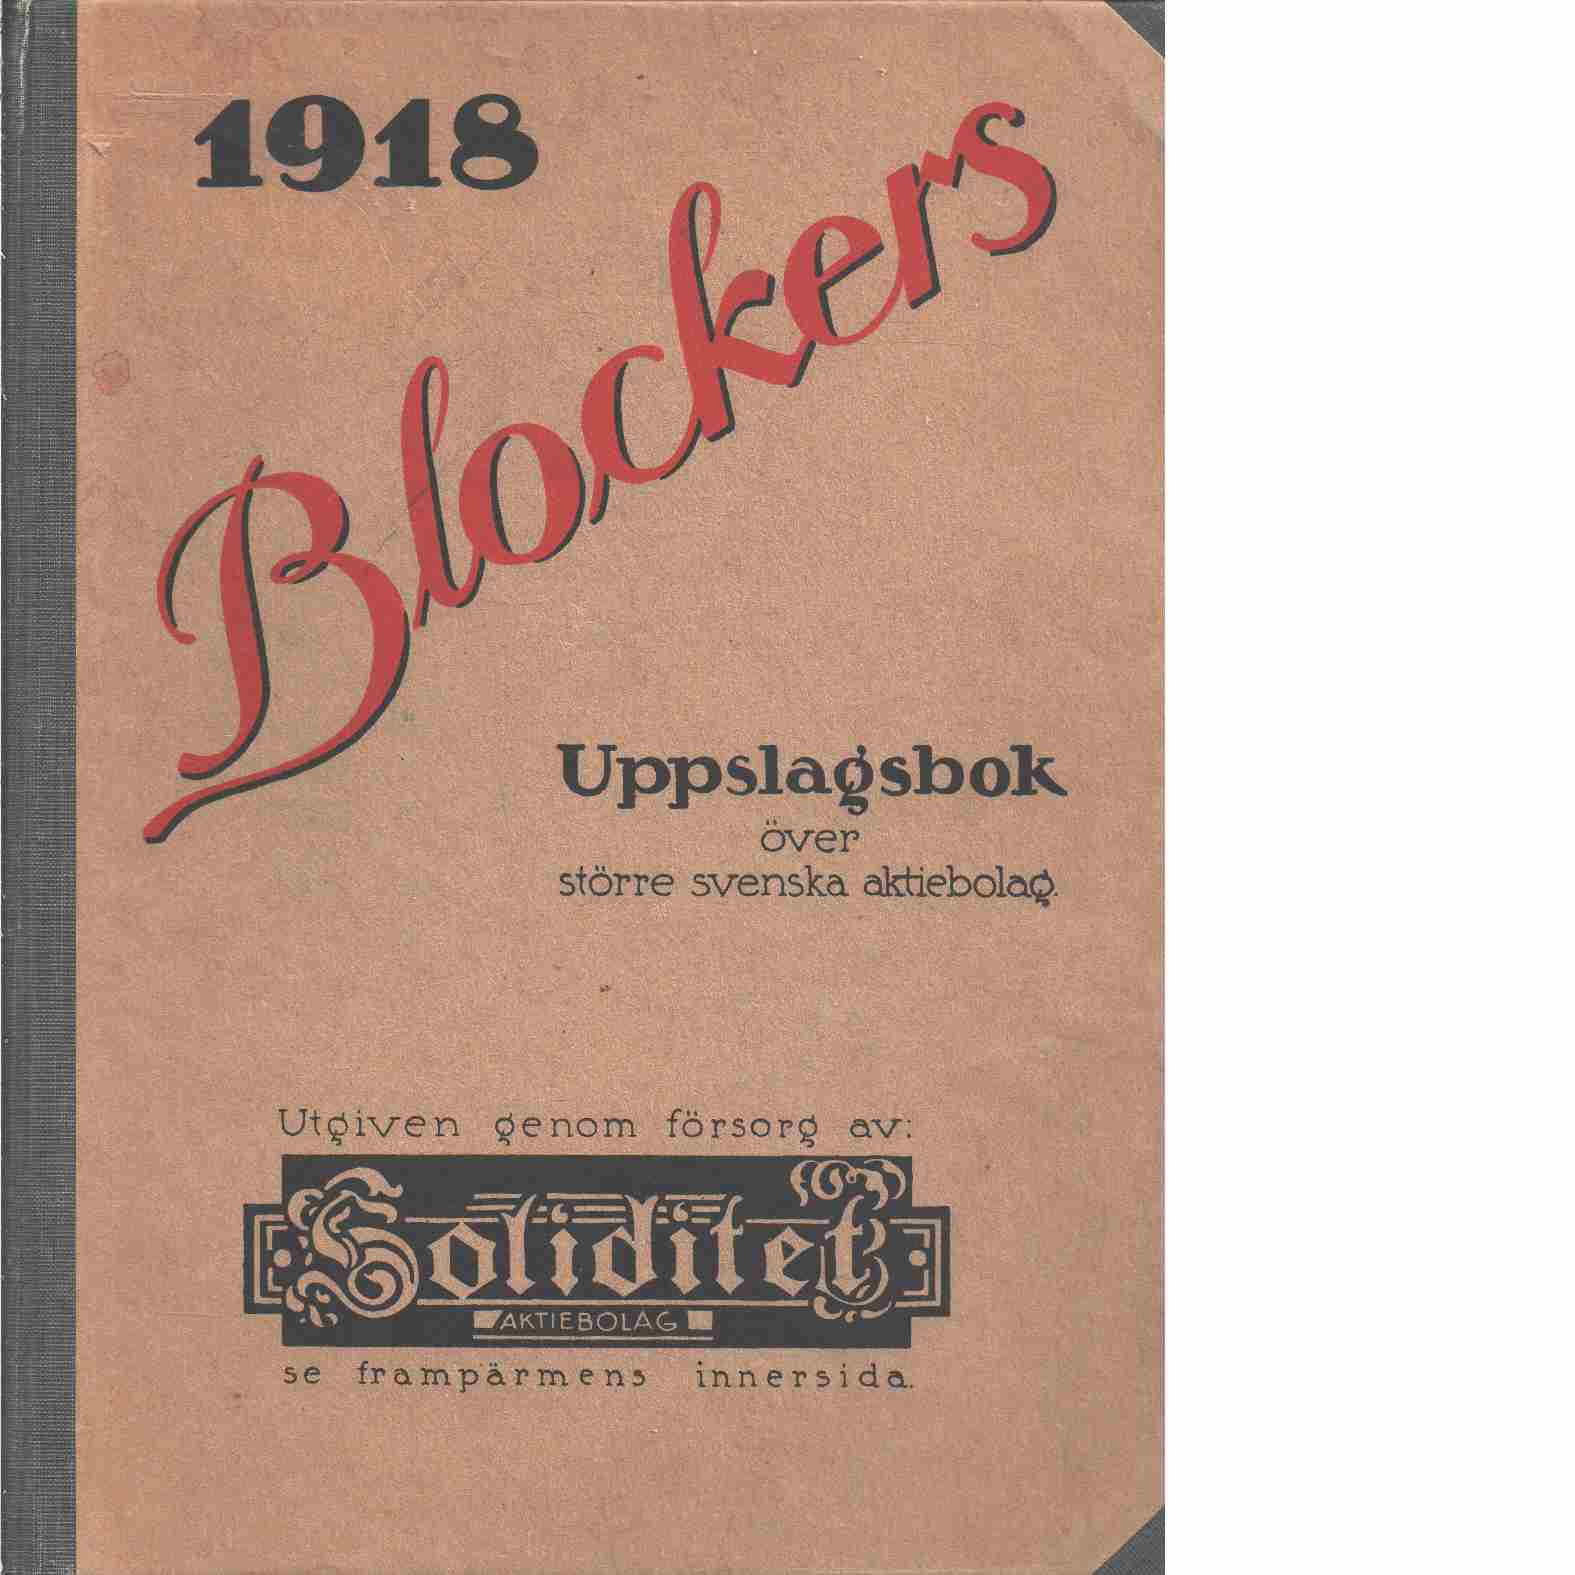 Blockers uppslagsbok över större aktiebolag (incl. enskilda banker).  - Red. Blocker, O.